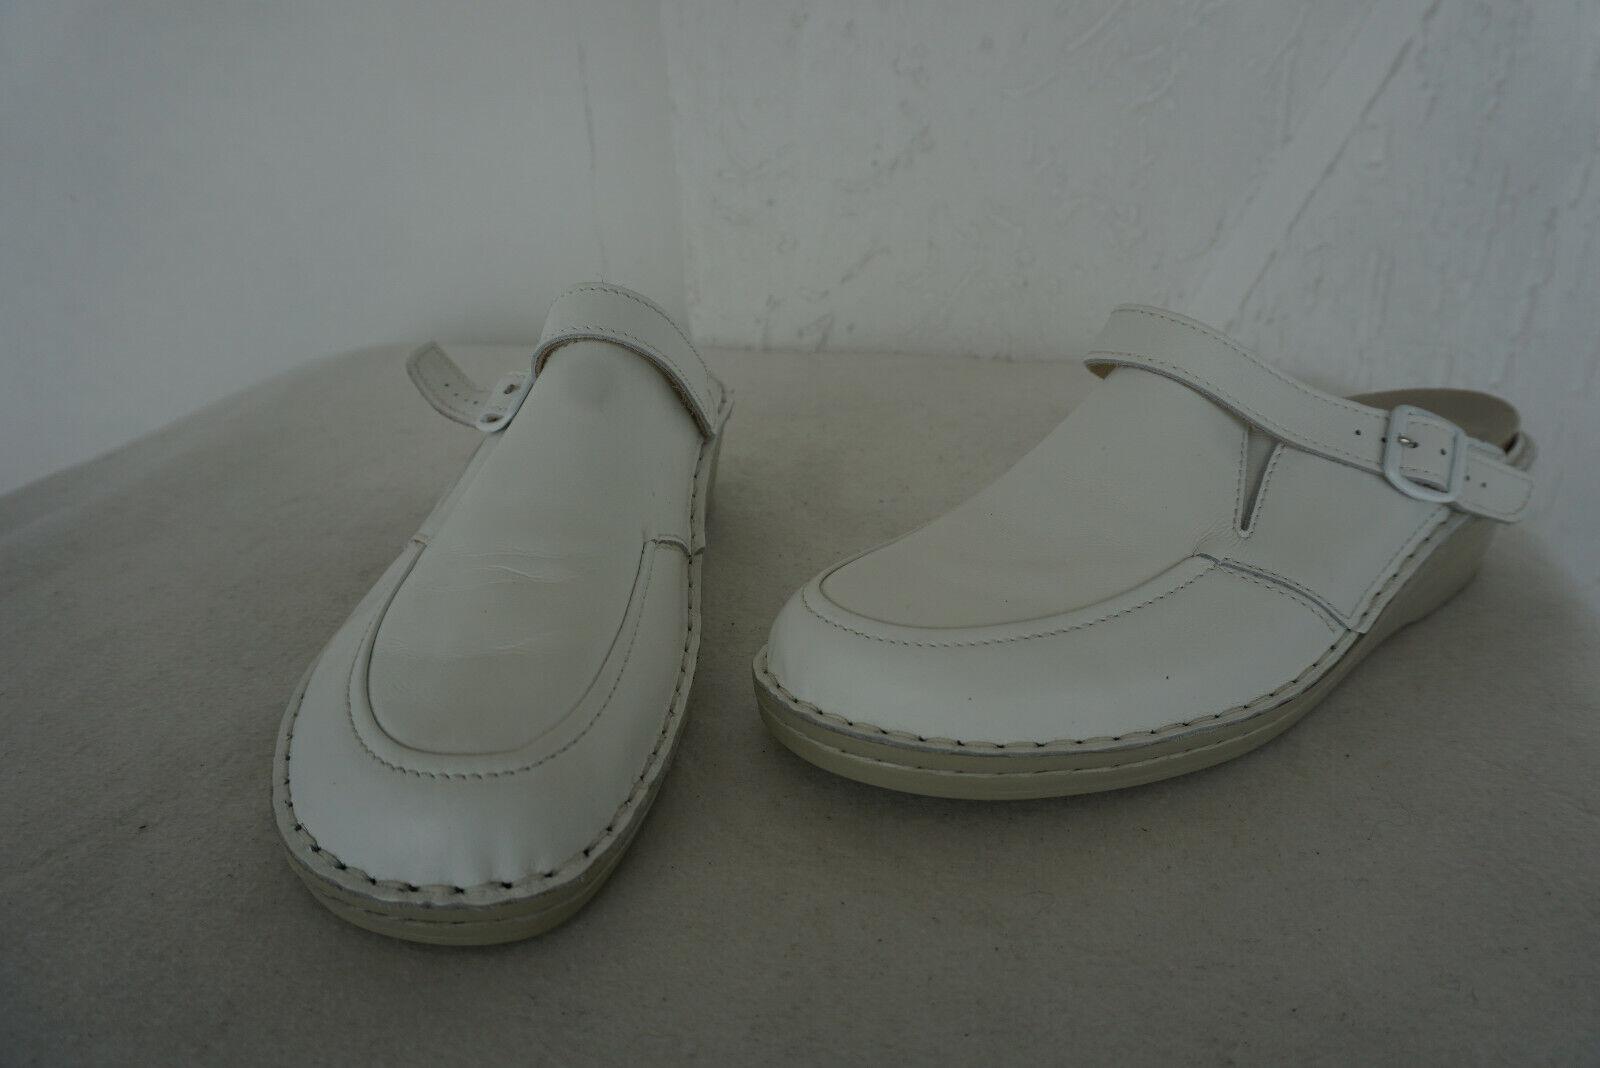 ORTOPEDICA Natural Feet Sandali Da Donna Scarpe Zoccoli TG 41 pelle BIANCA pratica